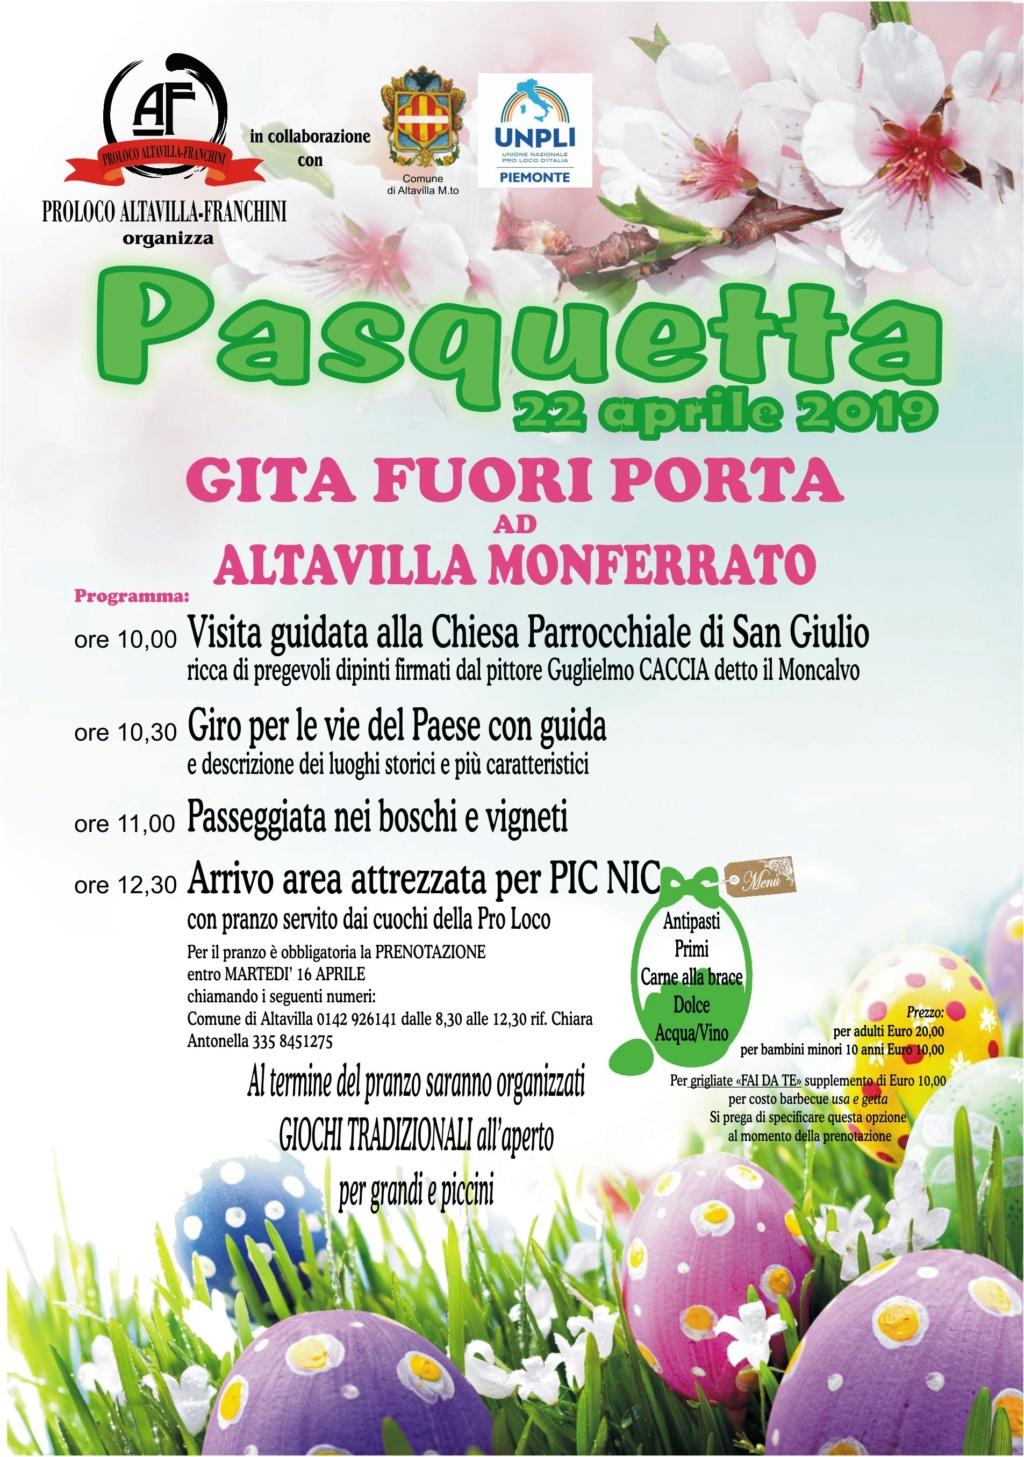 Pasquetta - Gita Fuori Porta ad Altavilla Monferrato Immagi10